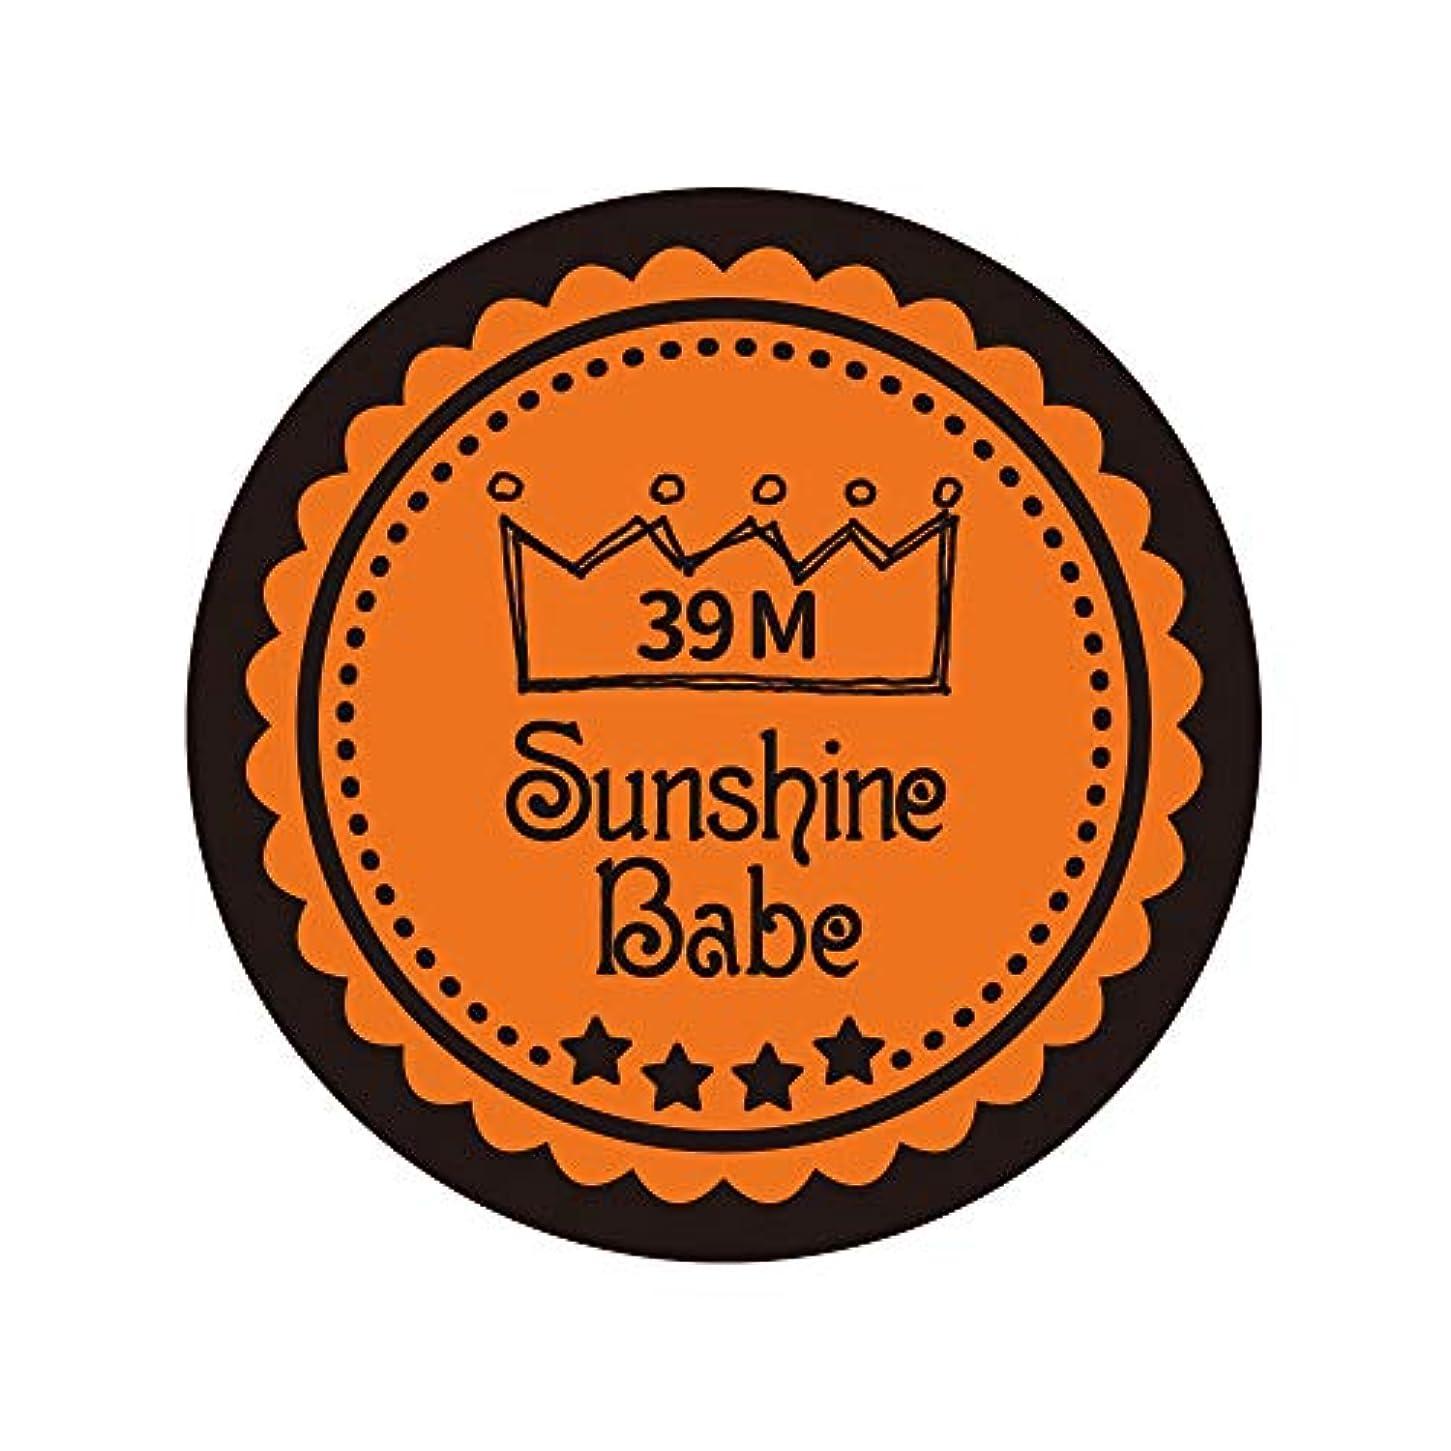 彫るバズ鉱石Sunshine Babe カラージェル 39M ラセットオレンジ 4g UV/LED対応